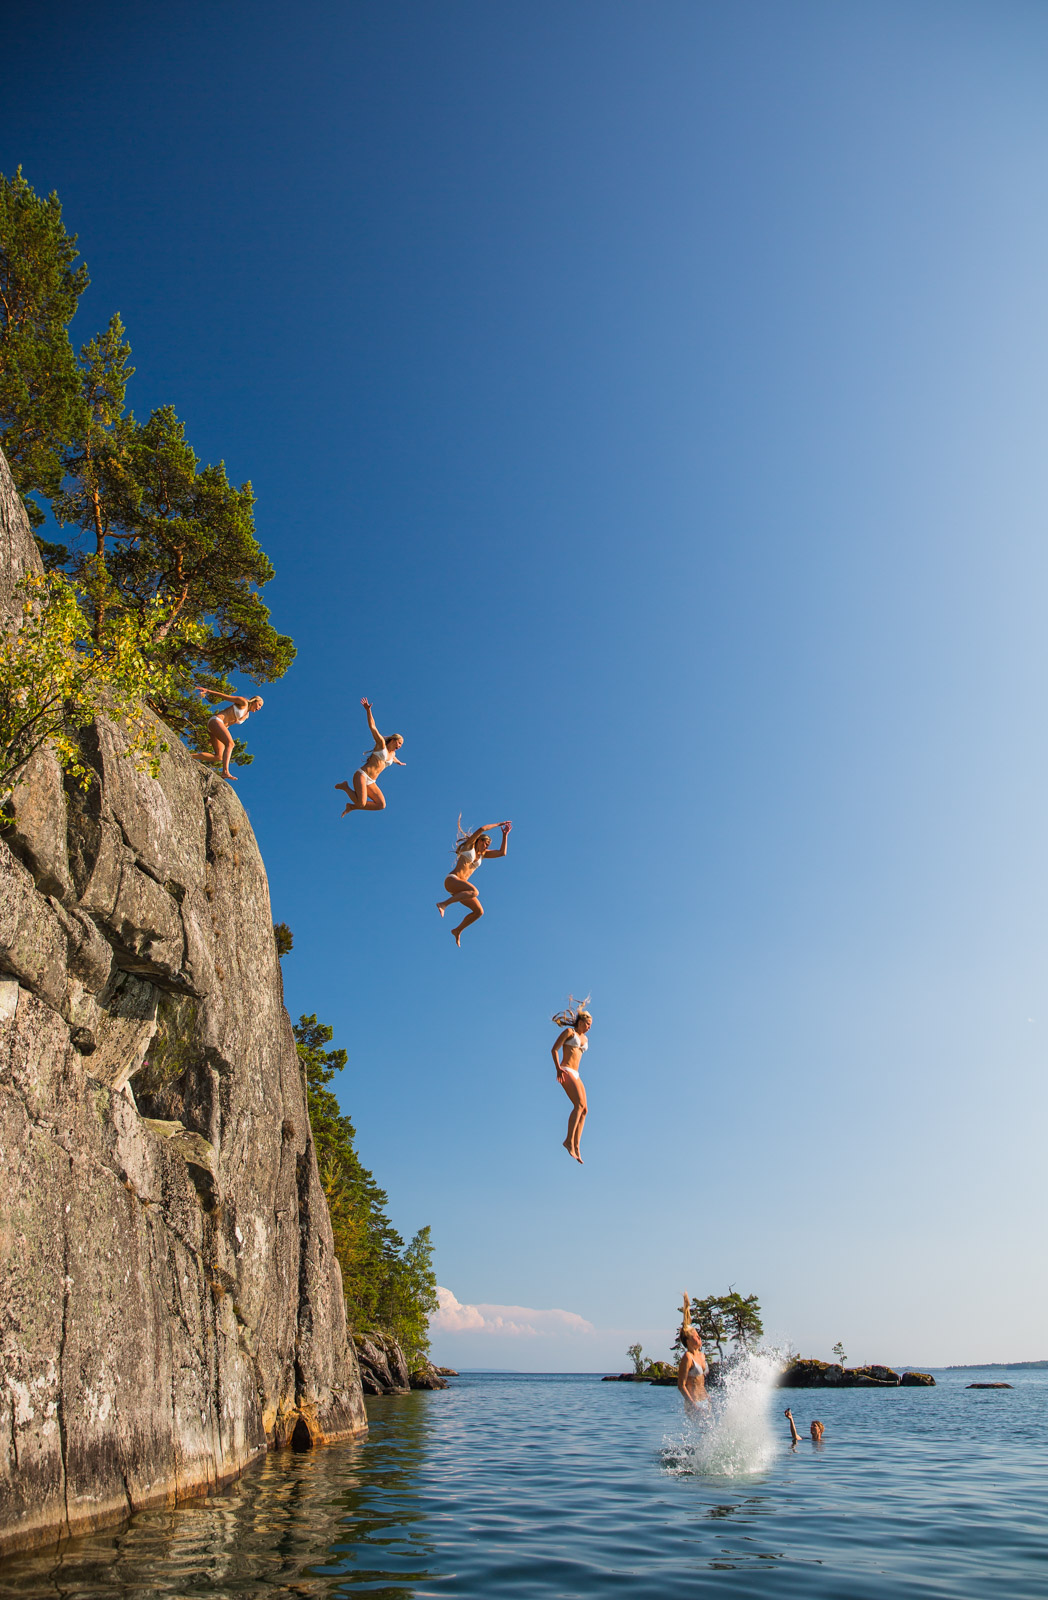 summer, sweden, jump, cliff, water, sommar, sverige, sommarsverige, hoppa, klippa, vatten, vättern, tiveden, djäknasundet, djäknesundet, karlsborg, cecilia kallin, erik linder, timoteij, elina thorsell